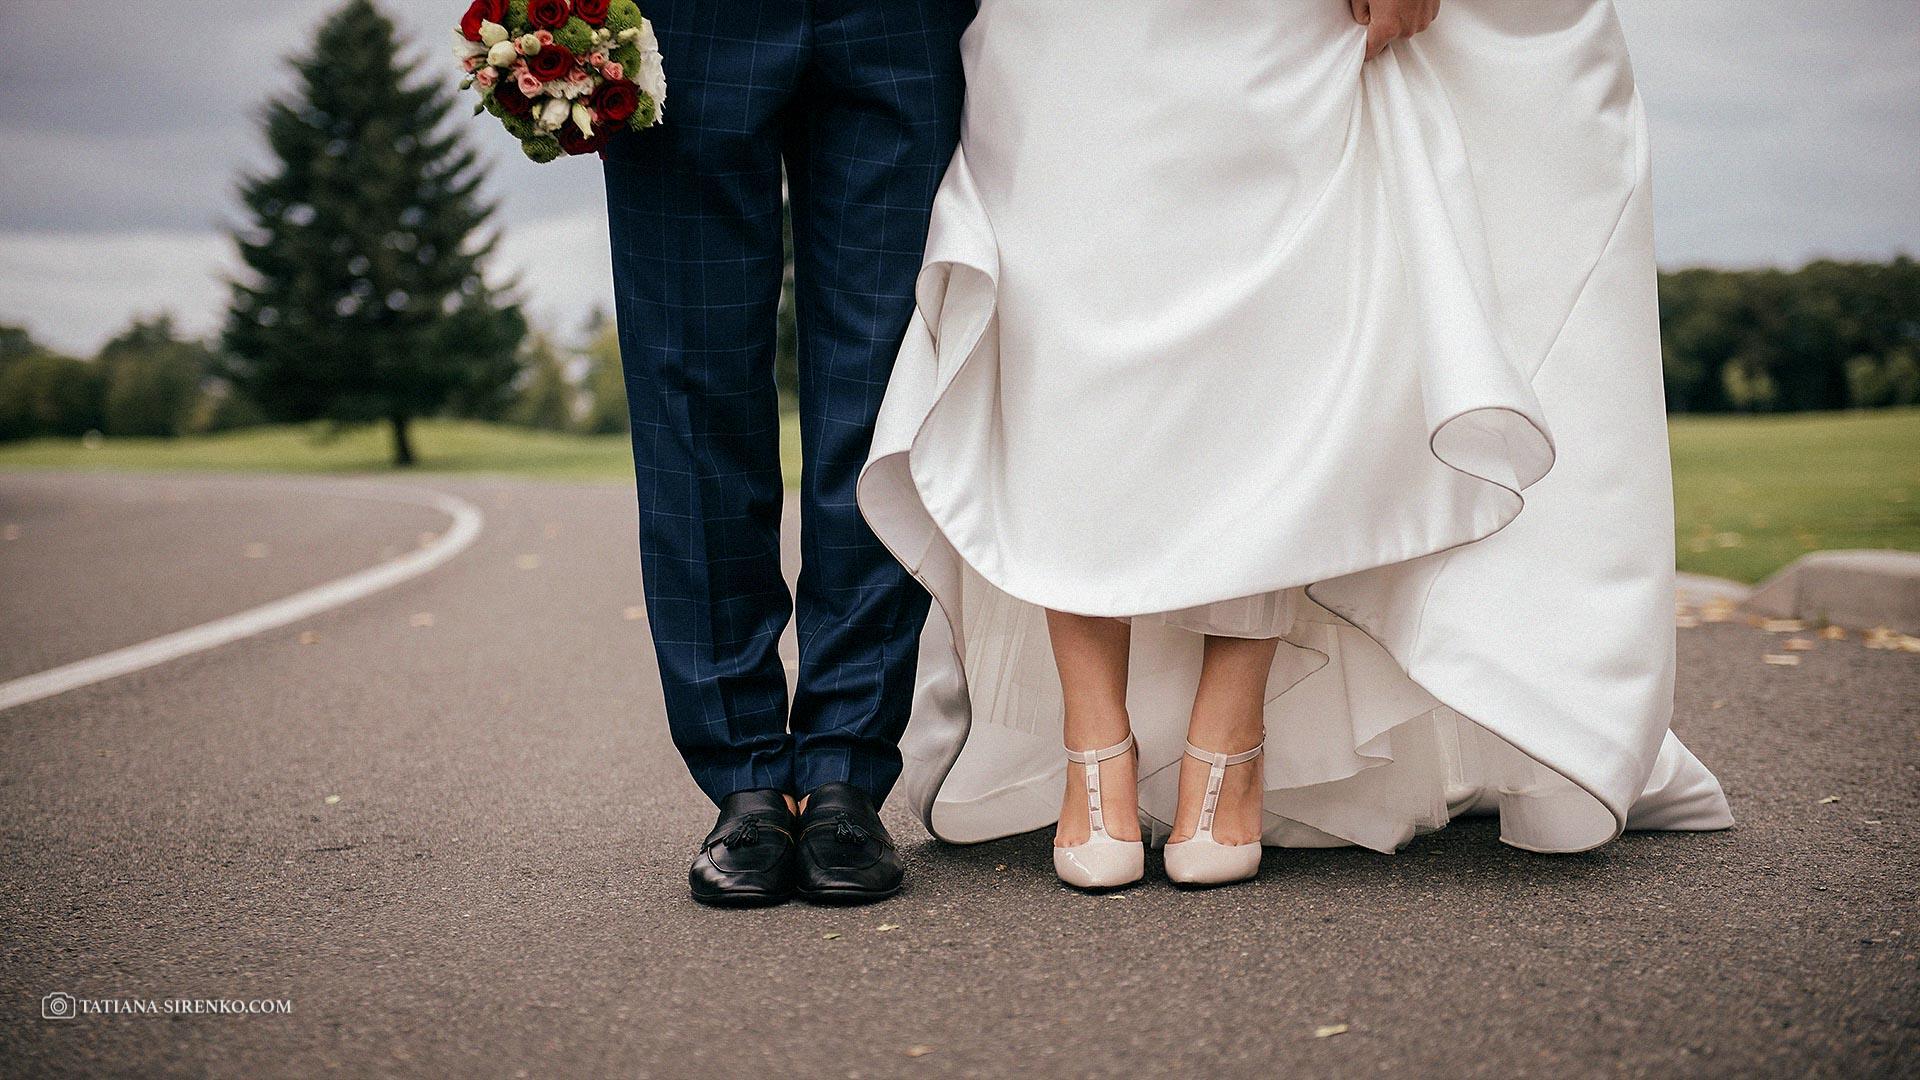 Сколько стоит свадебный фотограф